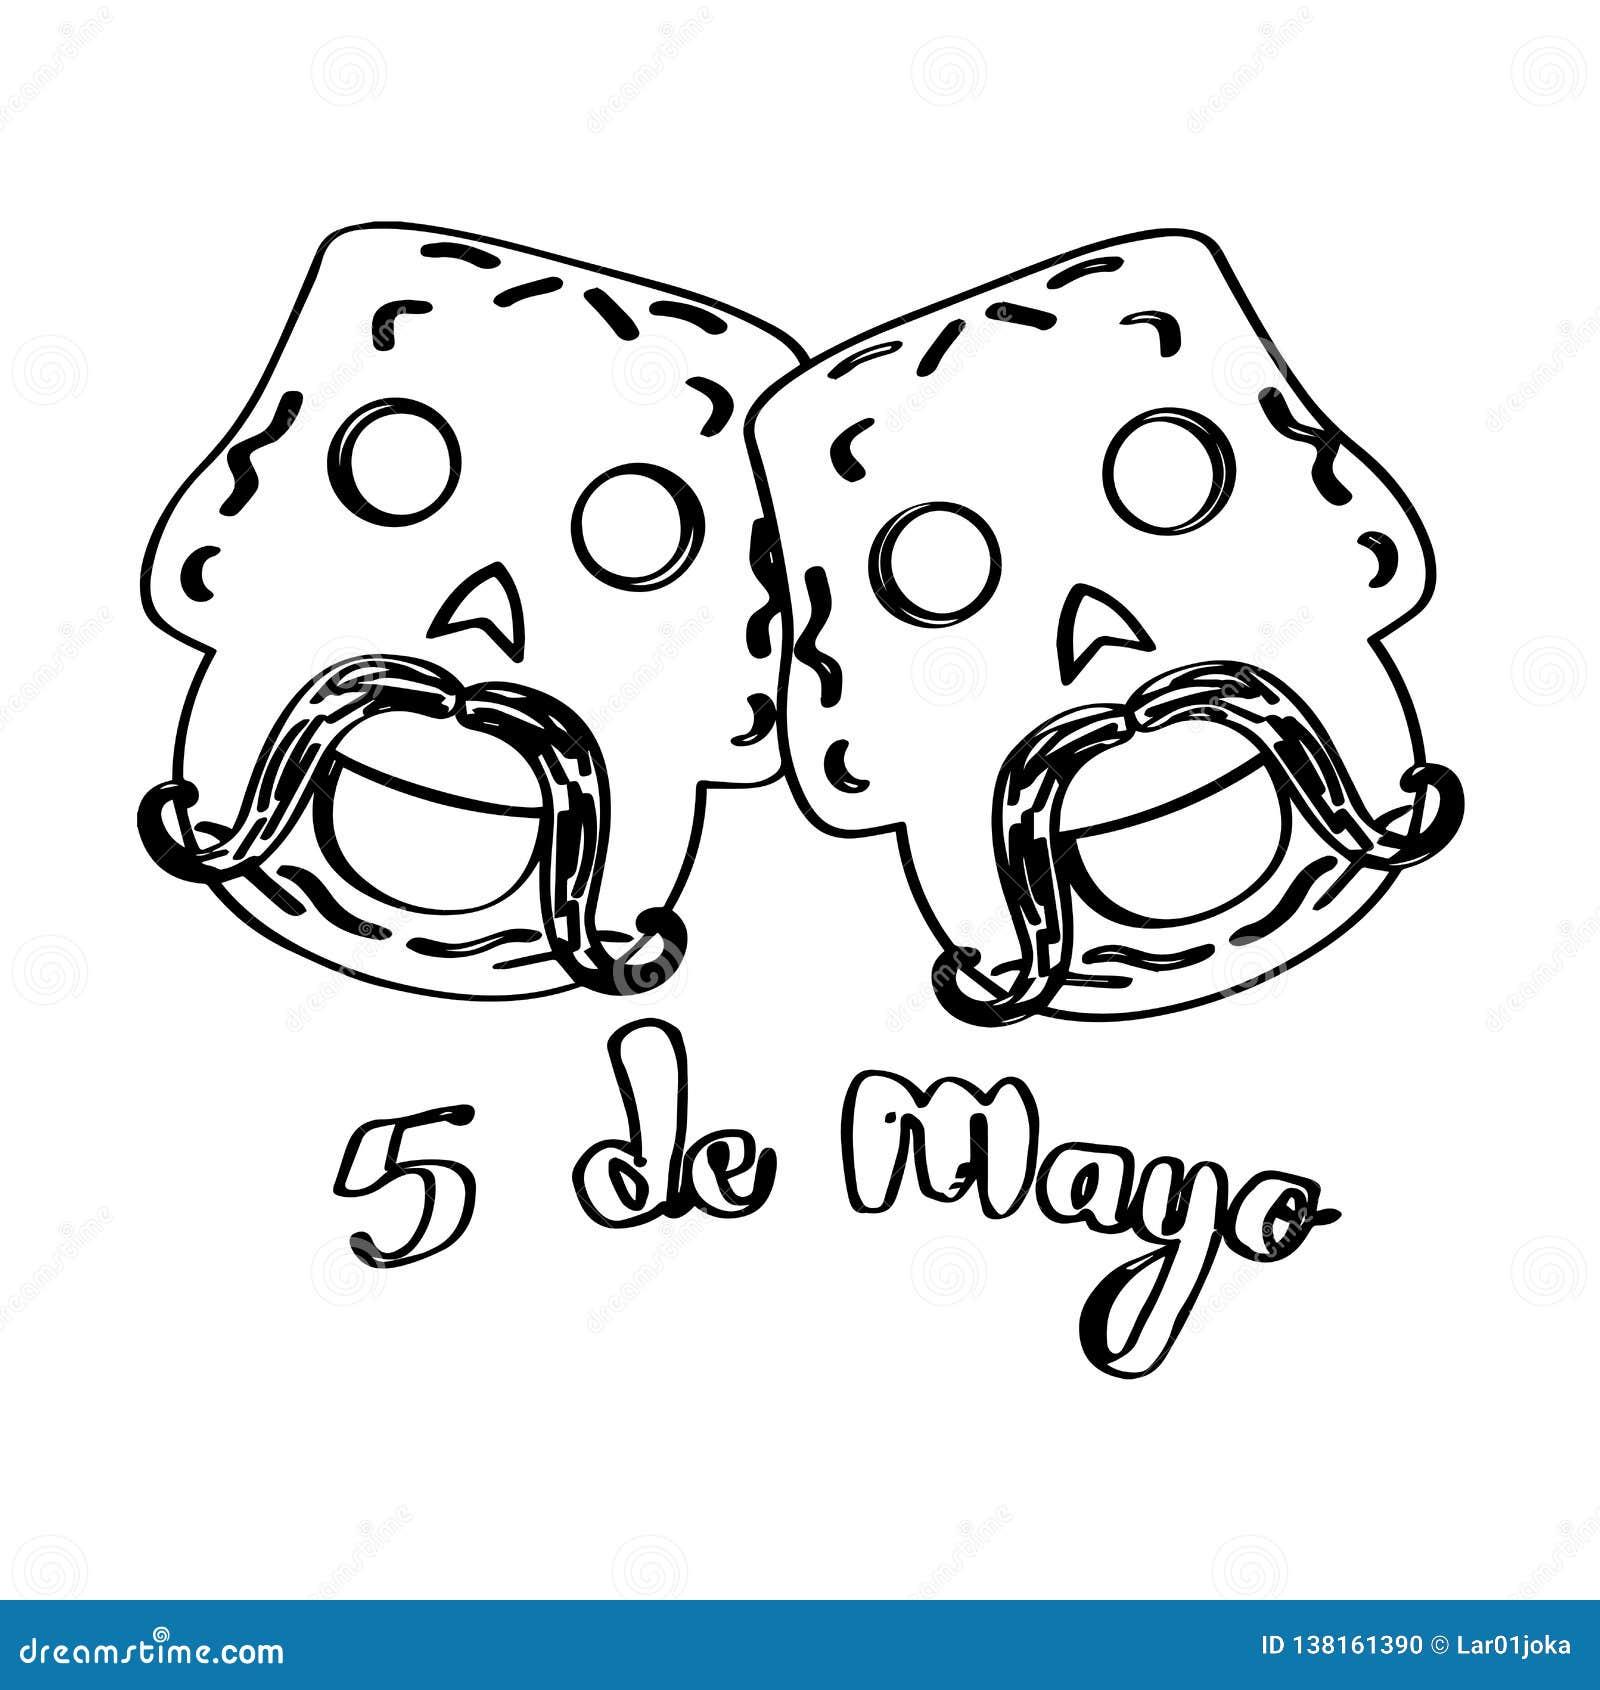 Sketch Of Happy Mexican Skulls. Cinco De Mayo Stock Vector ...